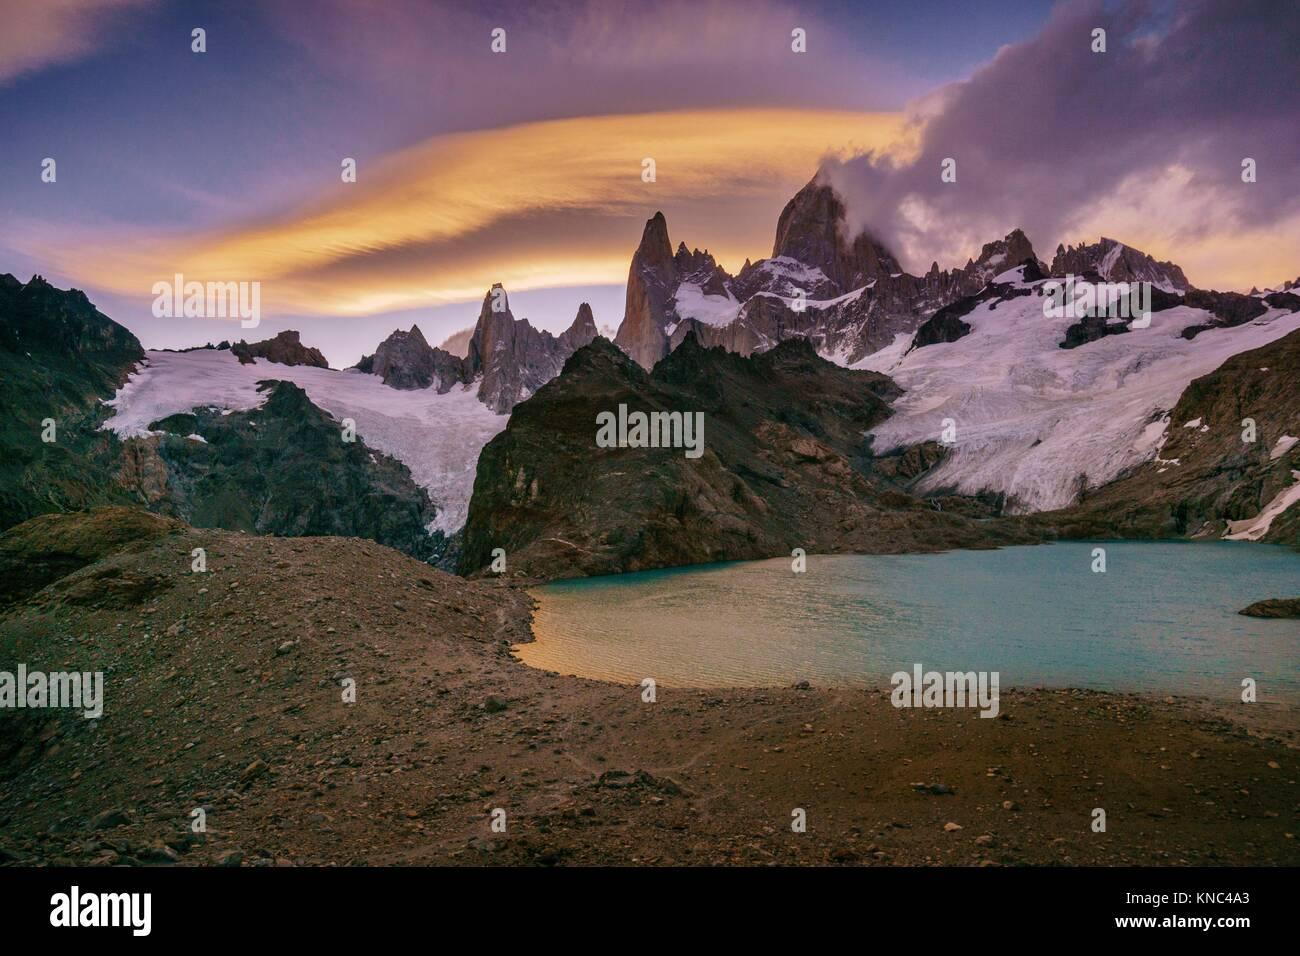 Monte Fitz Roy, - Cerro Chaltén -, 3405 metros, laguna de los Tres, parque nacional Los Glaciares, Patagonia, - Stock Image